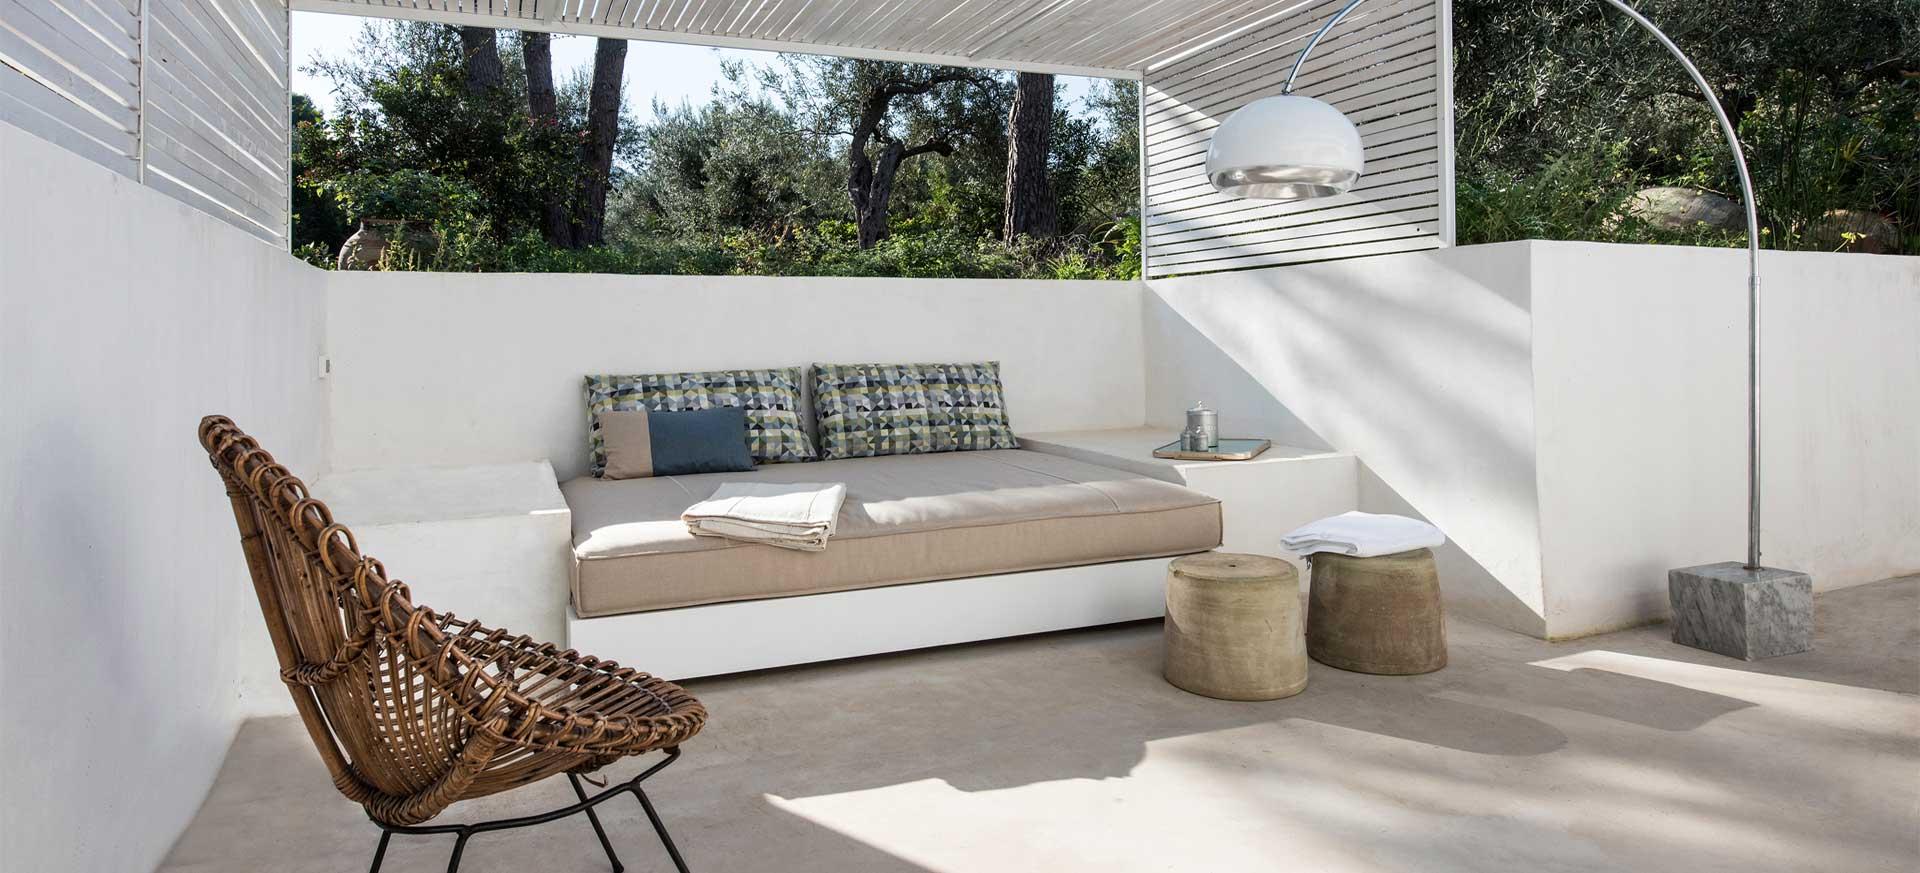 Villa de luxe bord de mer cefal hote italia for Villa luxe mer